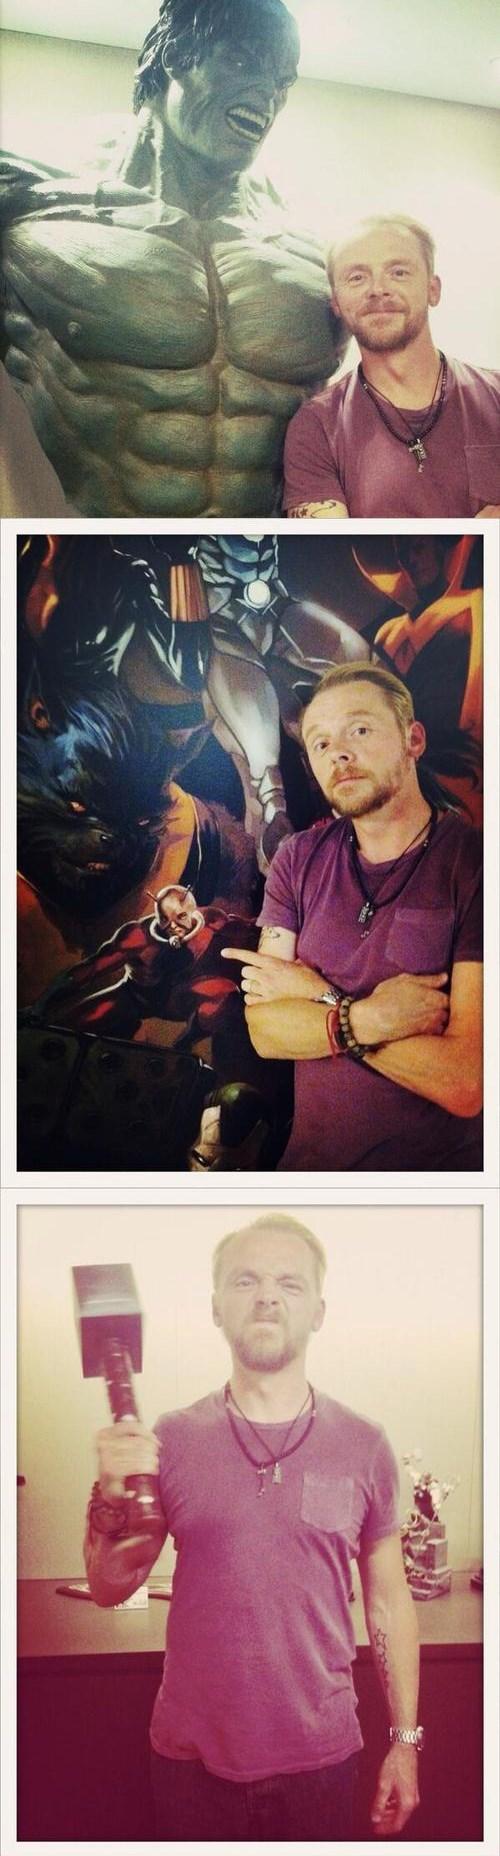 twitter marvel Simon Pegg ant man hulk - 7748325376